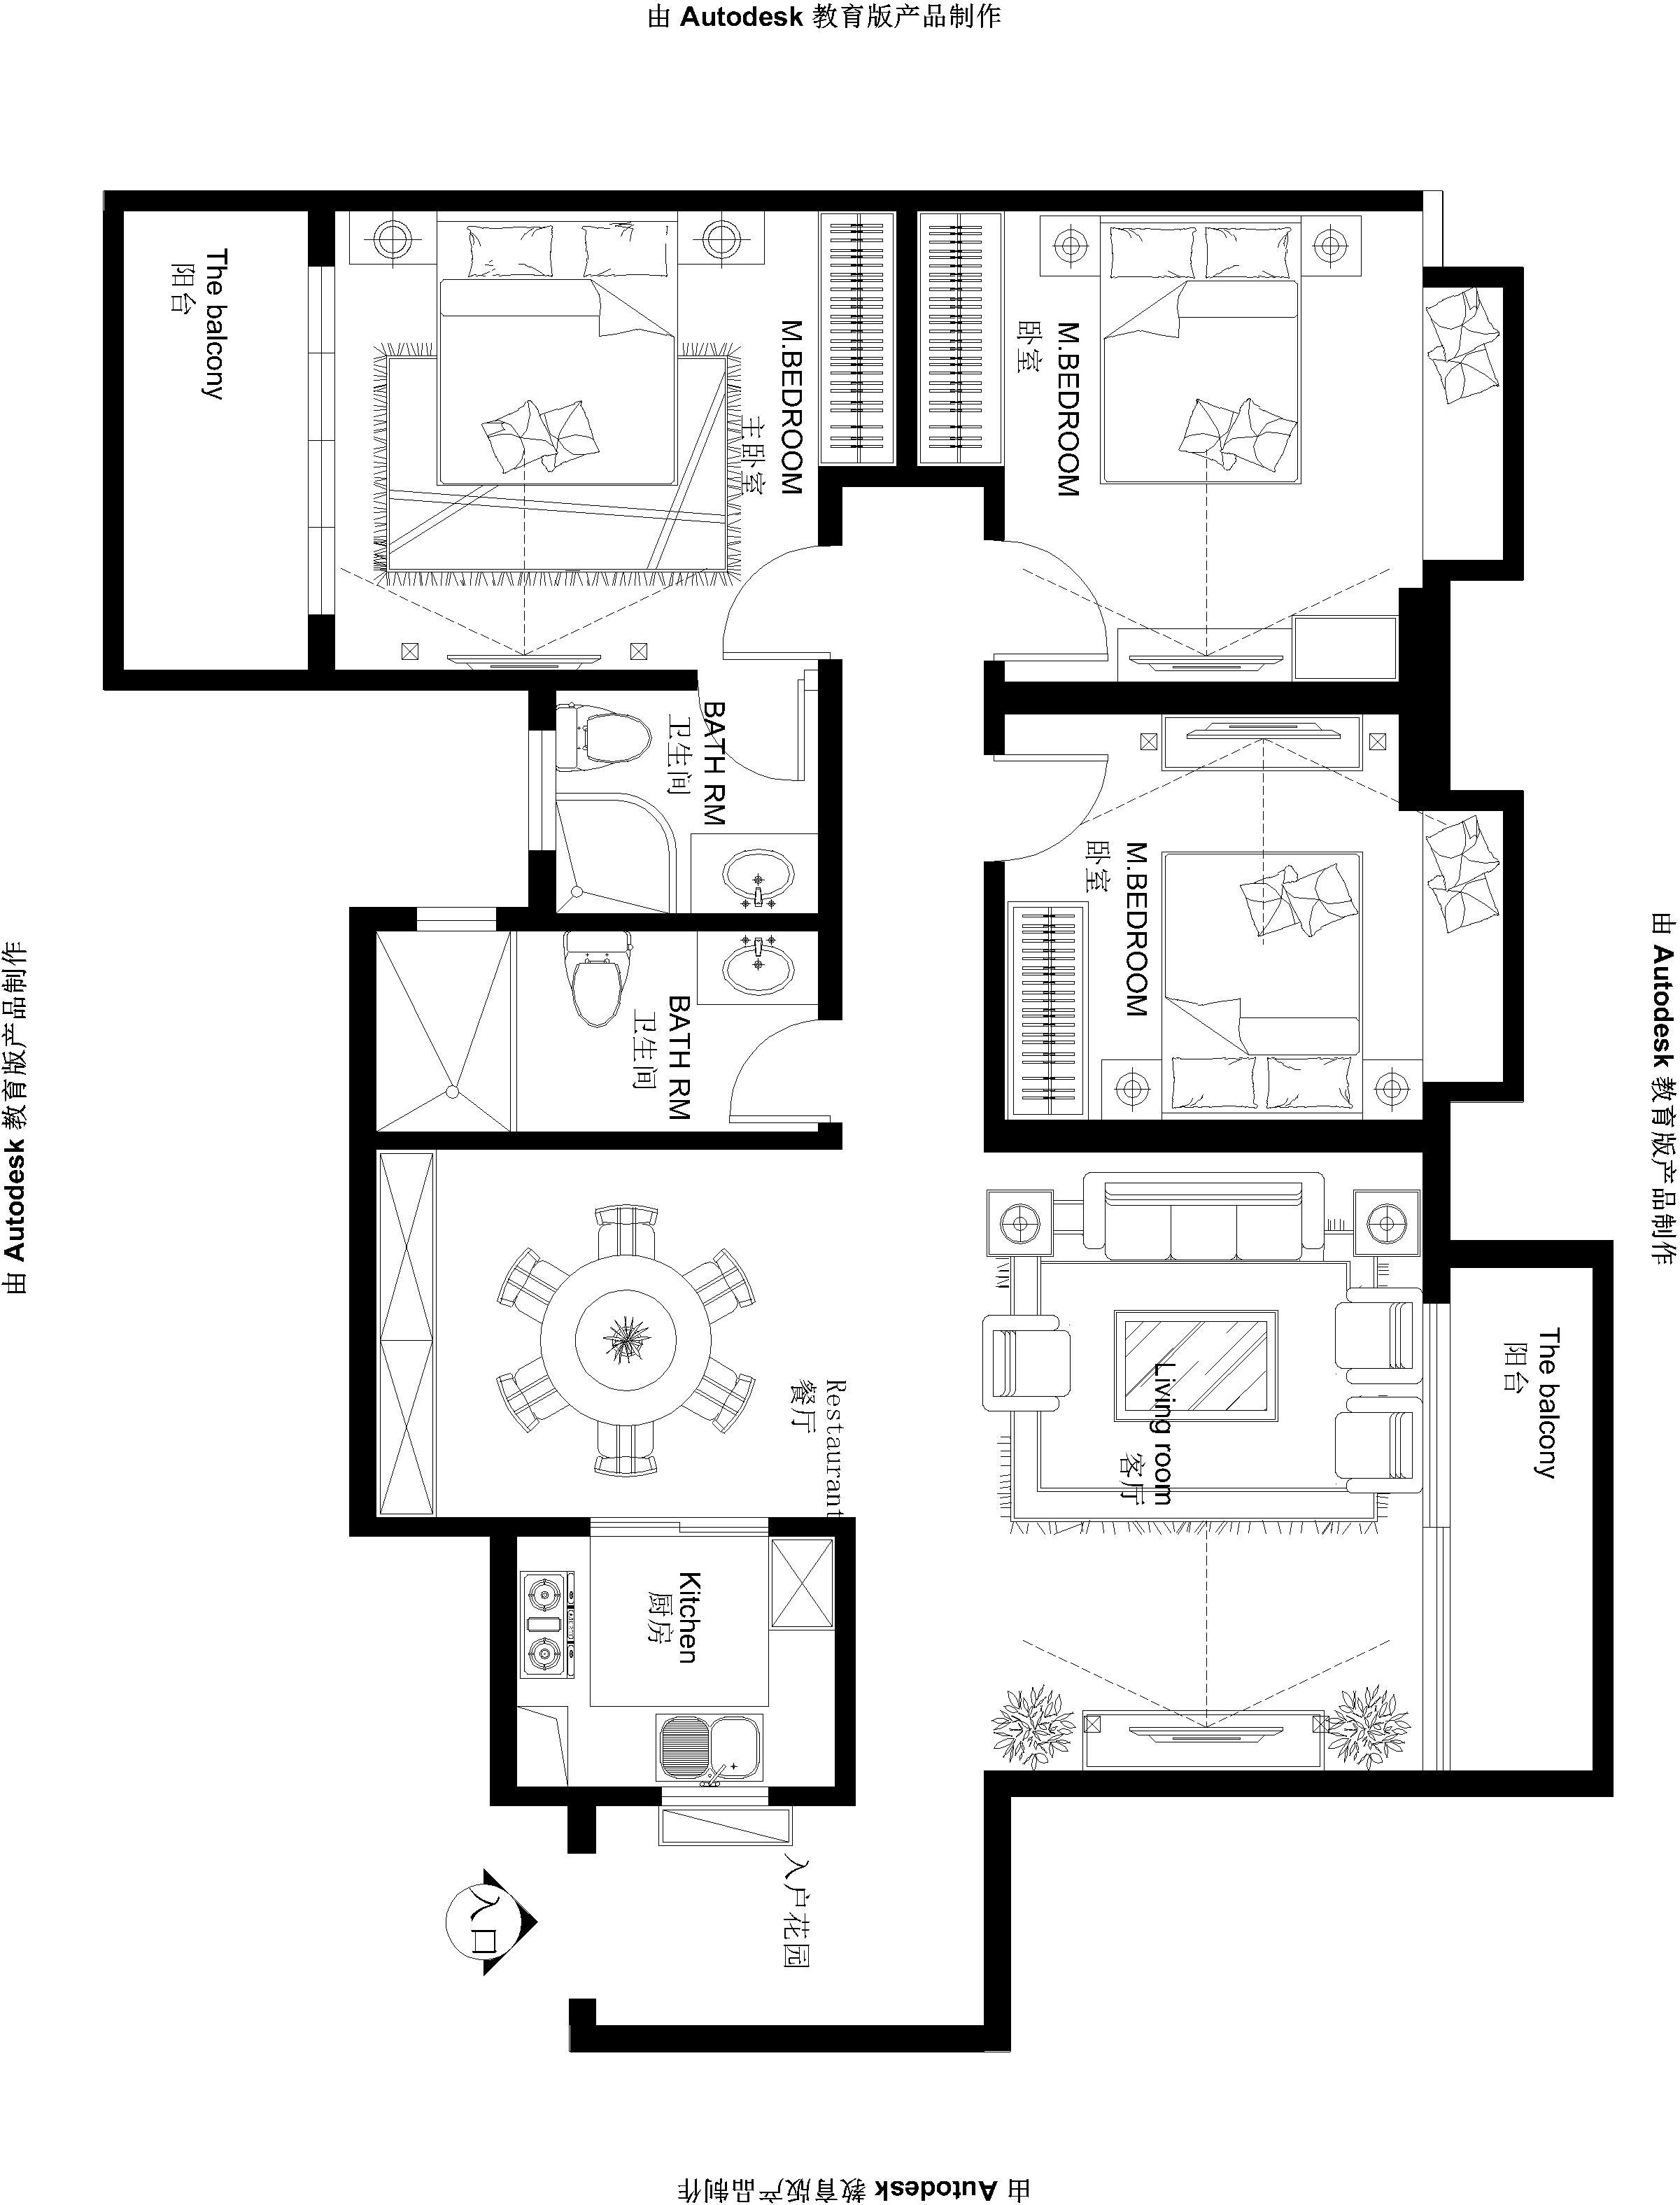 御东和府 现代 中式 140平米 三居 家居 生活 装修 报价 户型图图片来自徐丽娟在御东和府-现代中式风格-三居室的分享